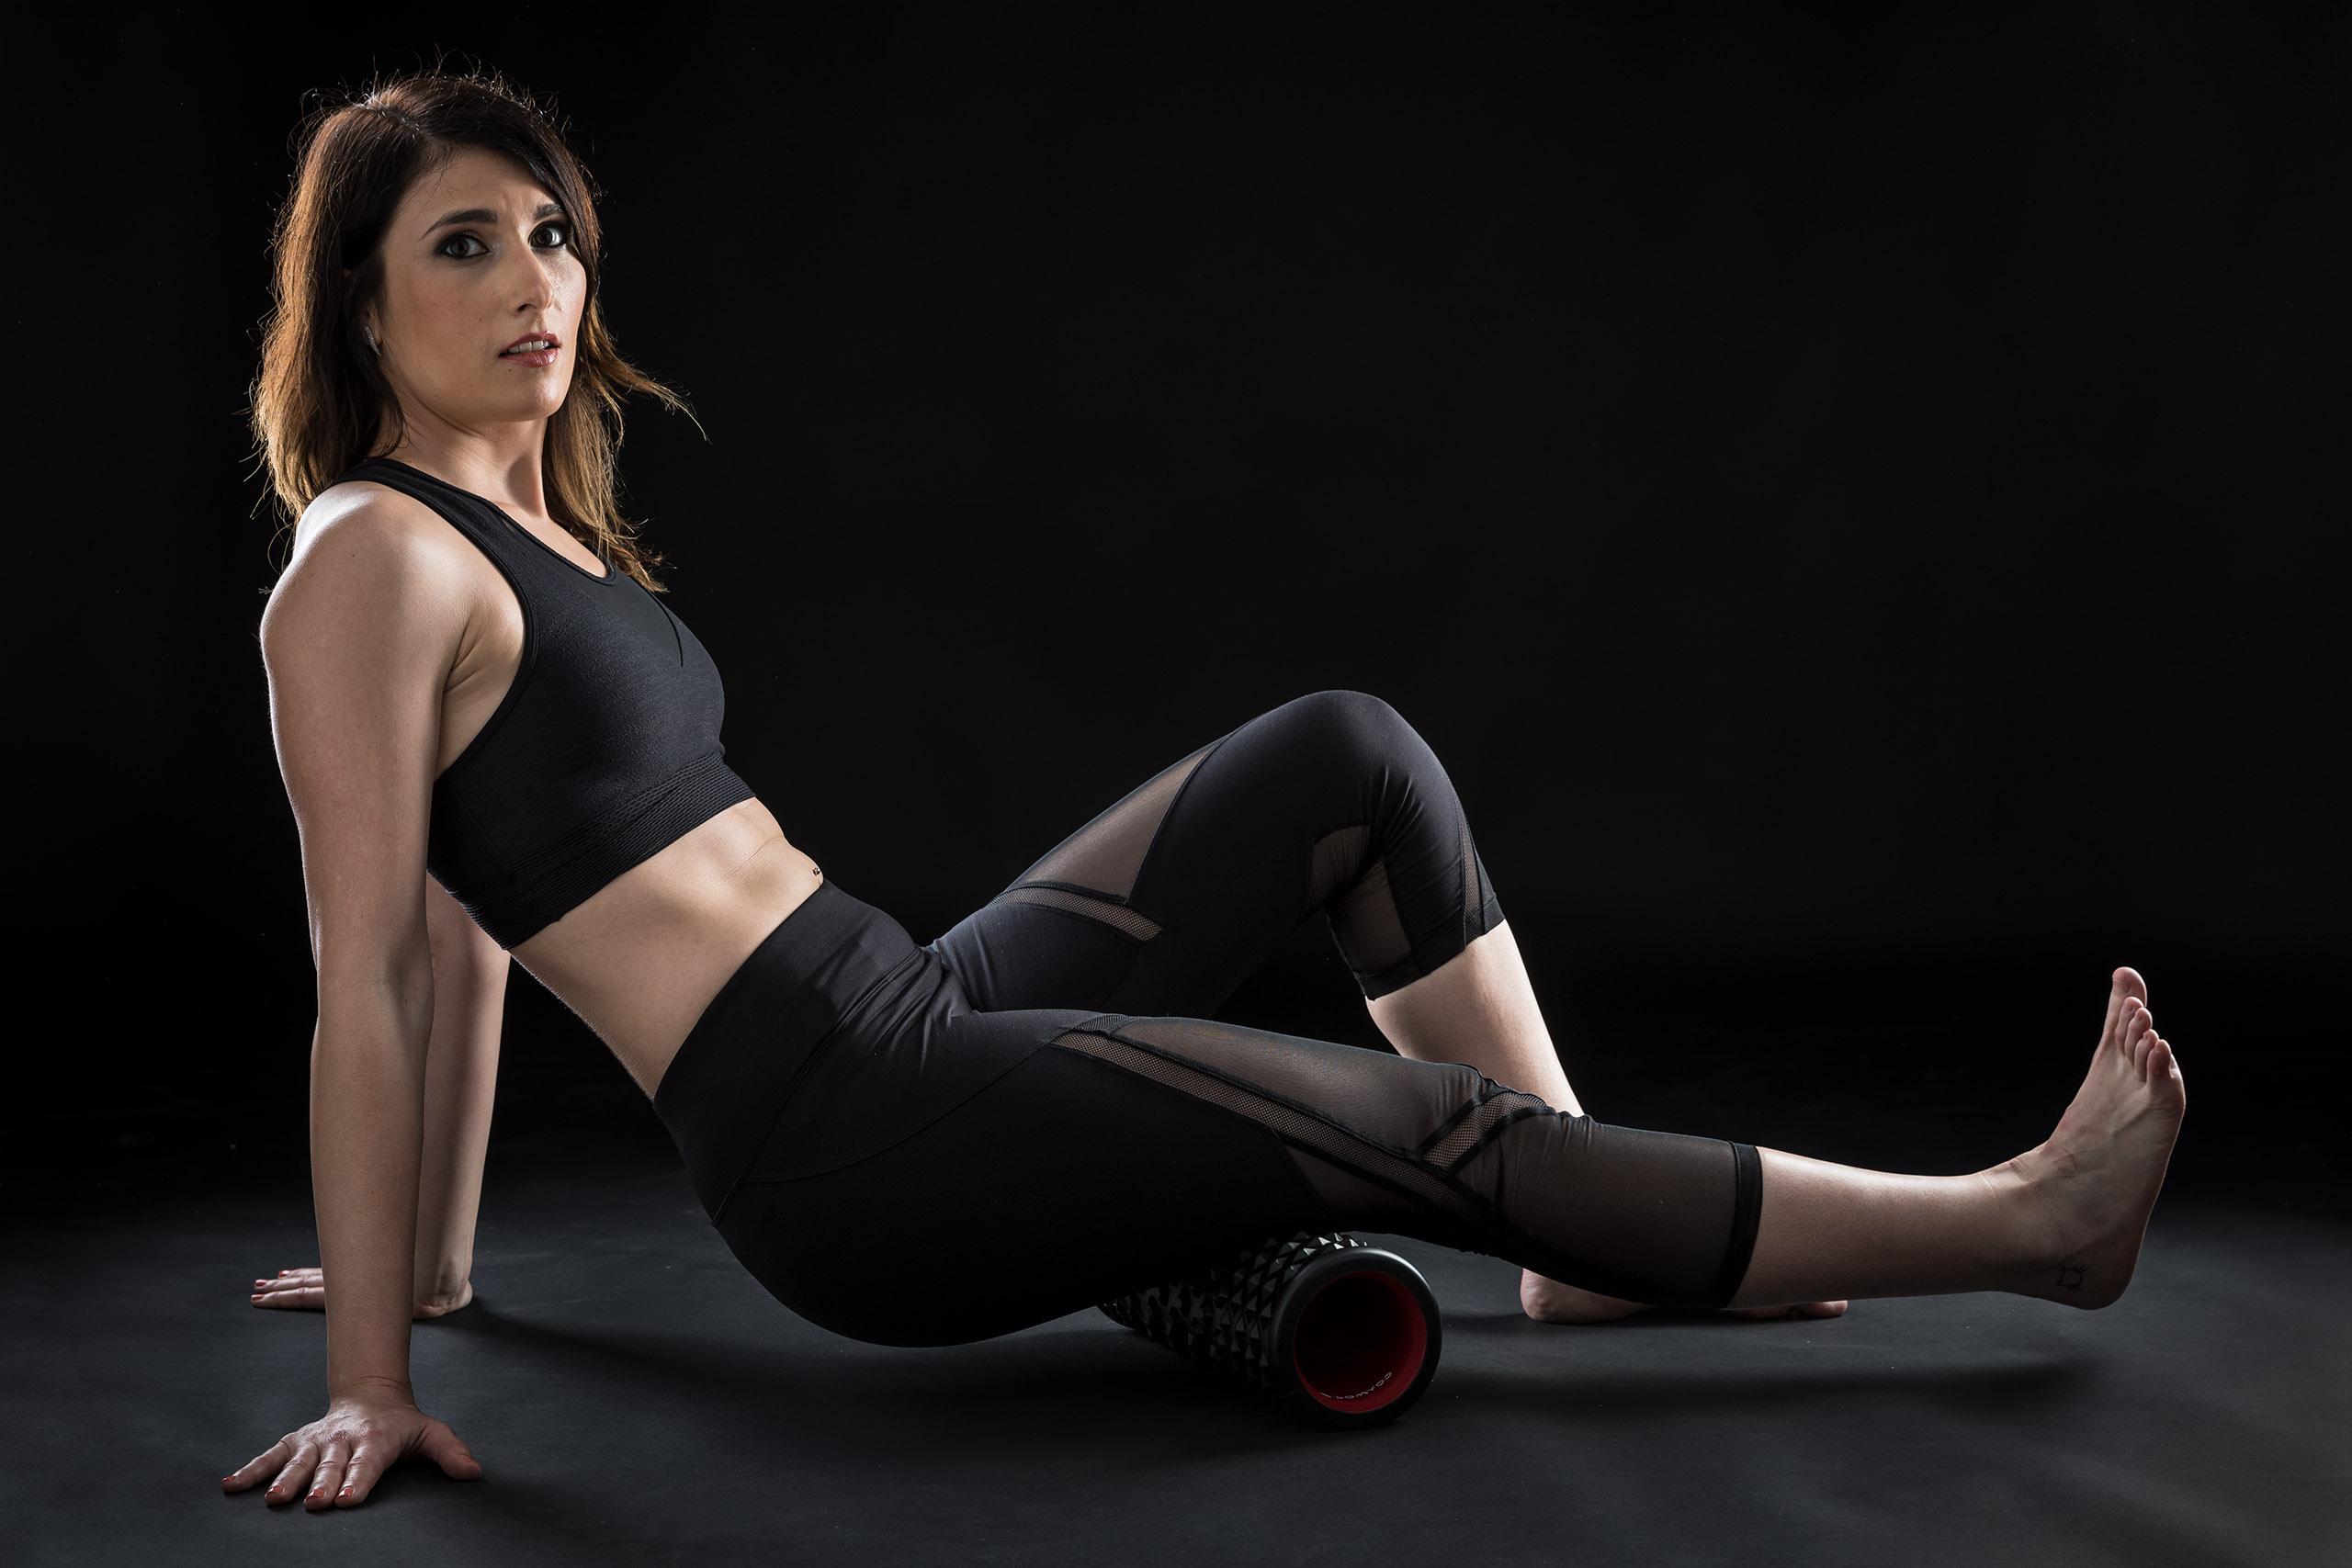 Fotografía de estudio fitness con dos luces y fondo negro